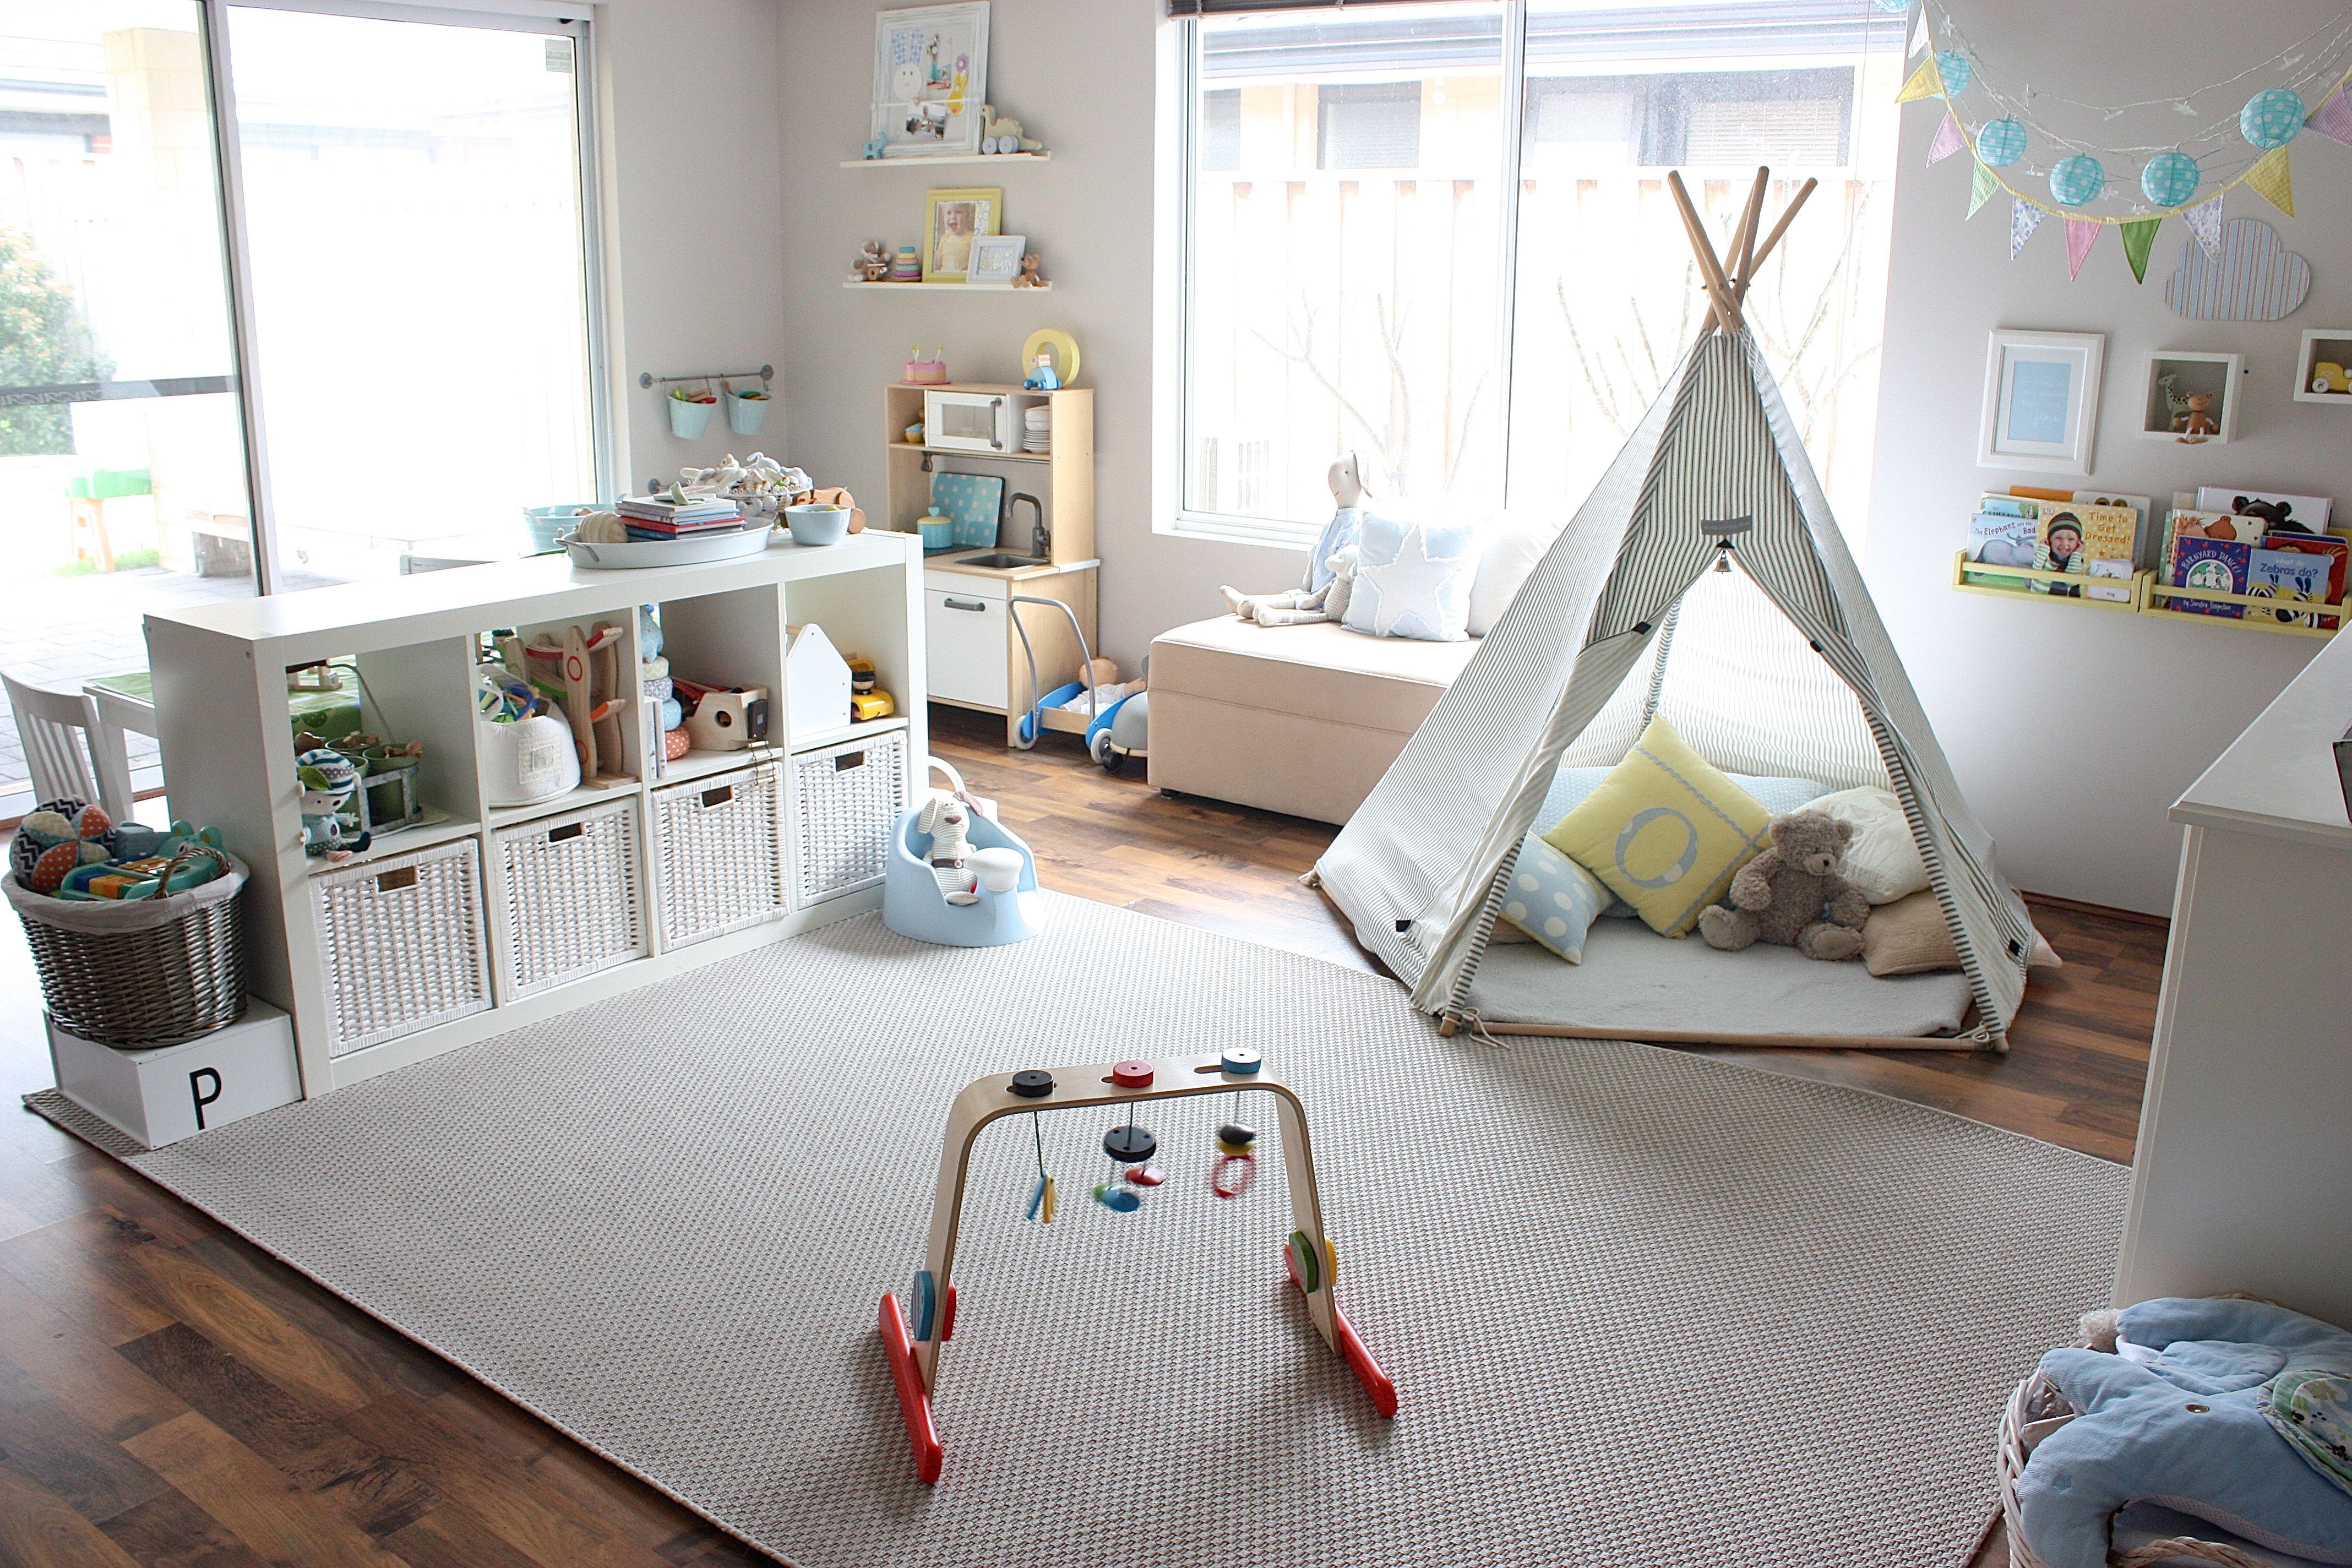 Batman Kinderzimmer ~ Tolles kinderzimmer i like the idea of using the shelf as a room